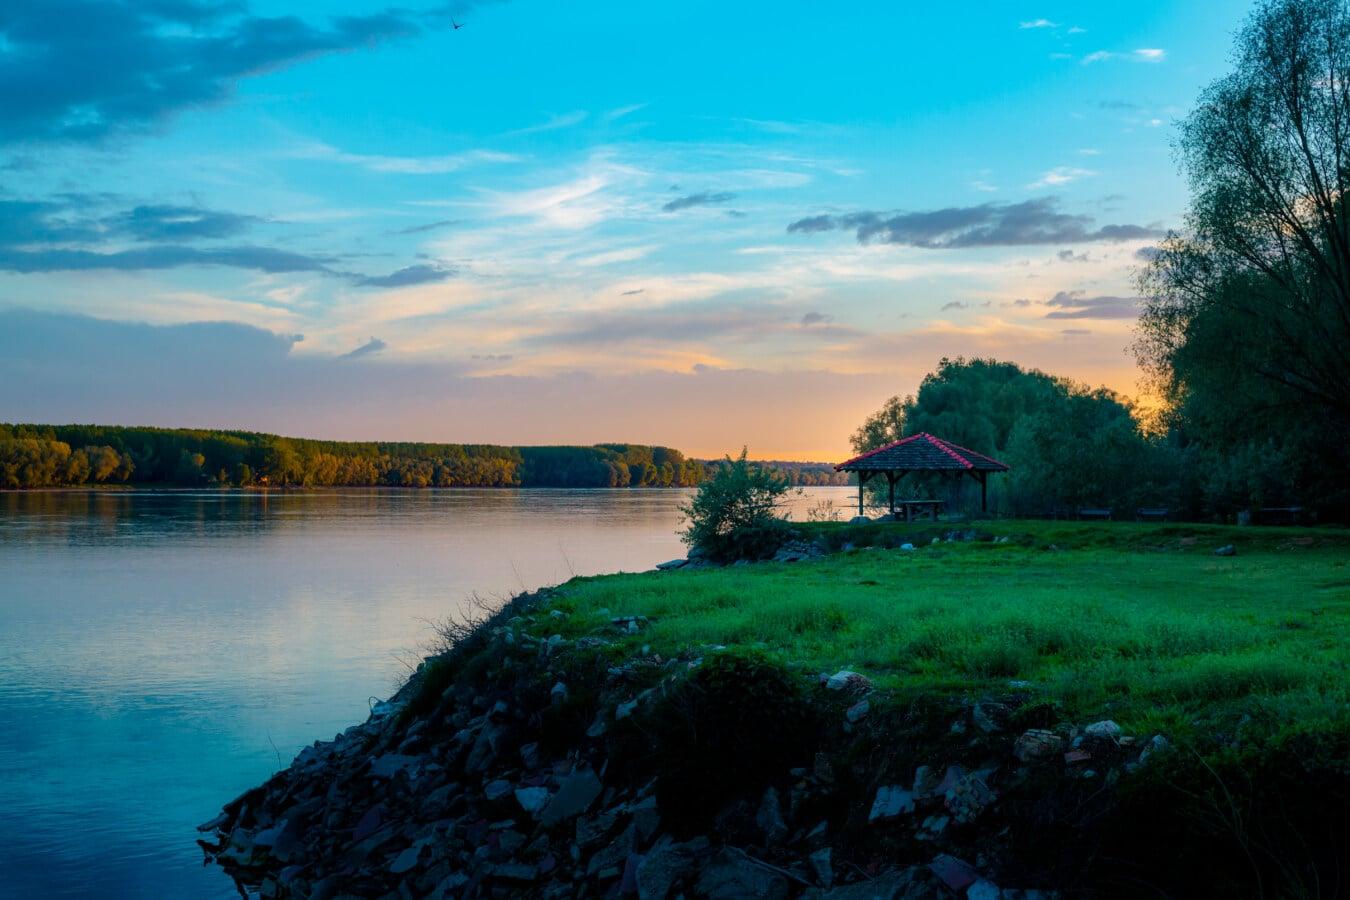 berge, zone de villégiature, crépuscule, crépuscule, Lac, eau, paysage, coucher de soleil, aube, nature